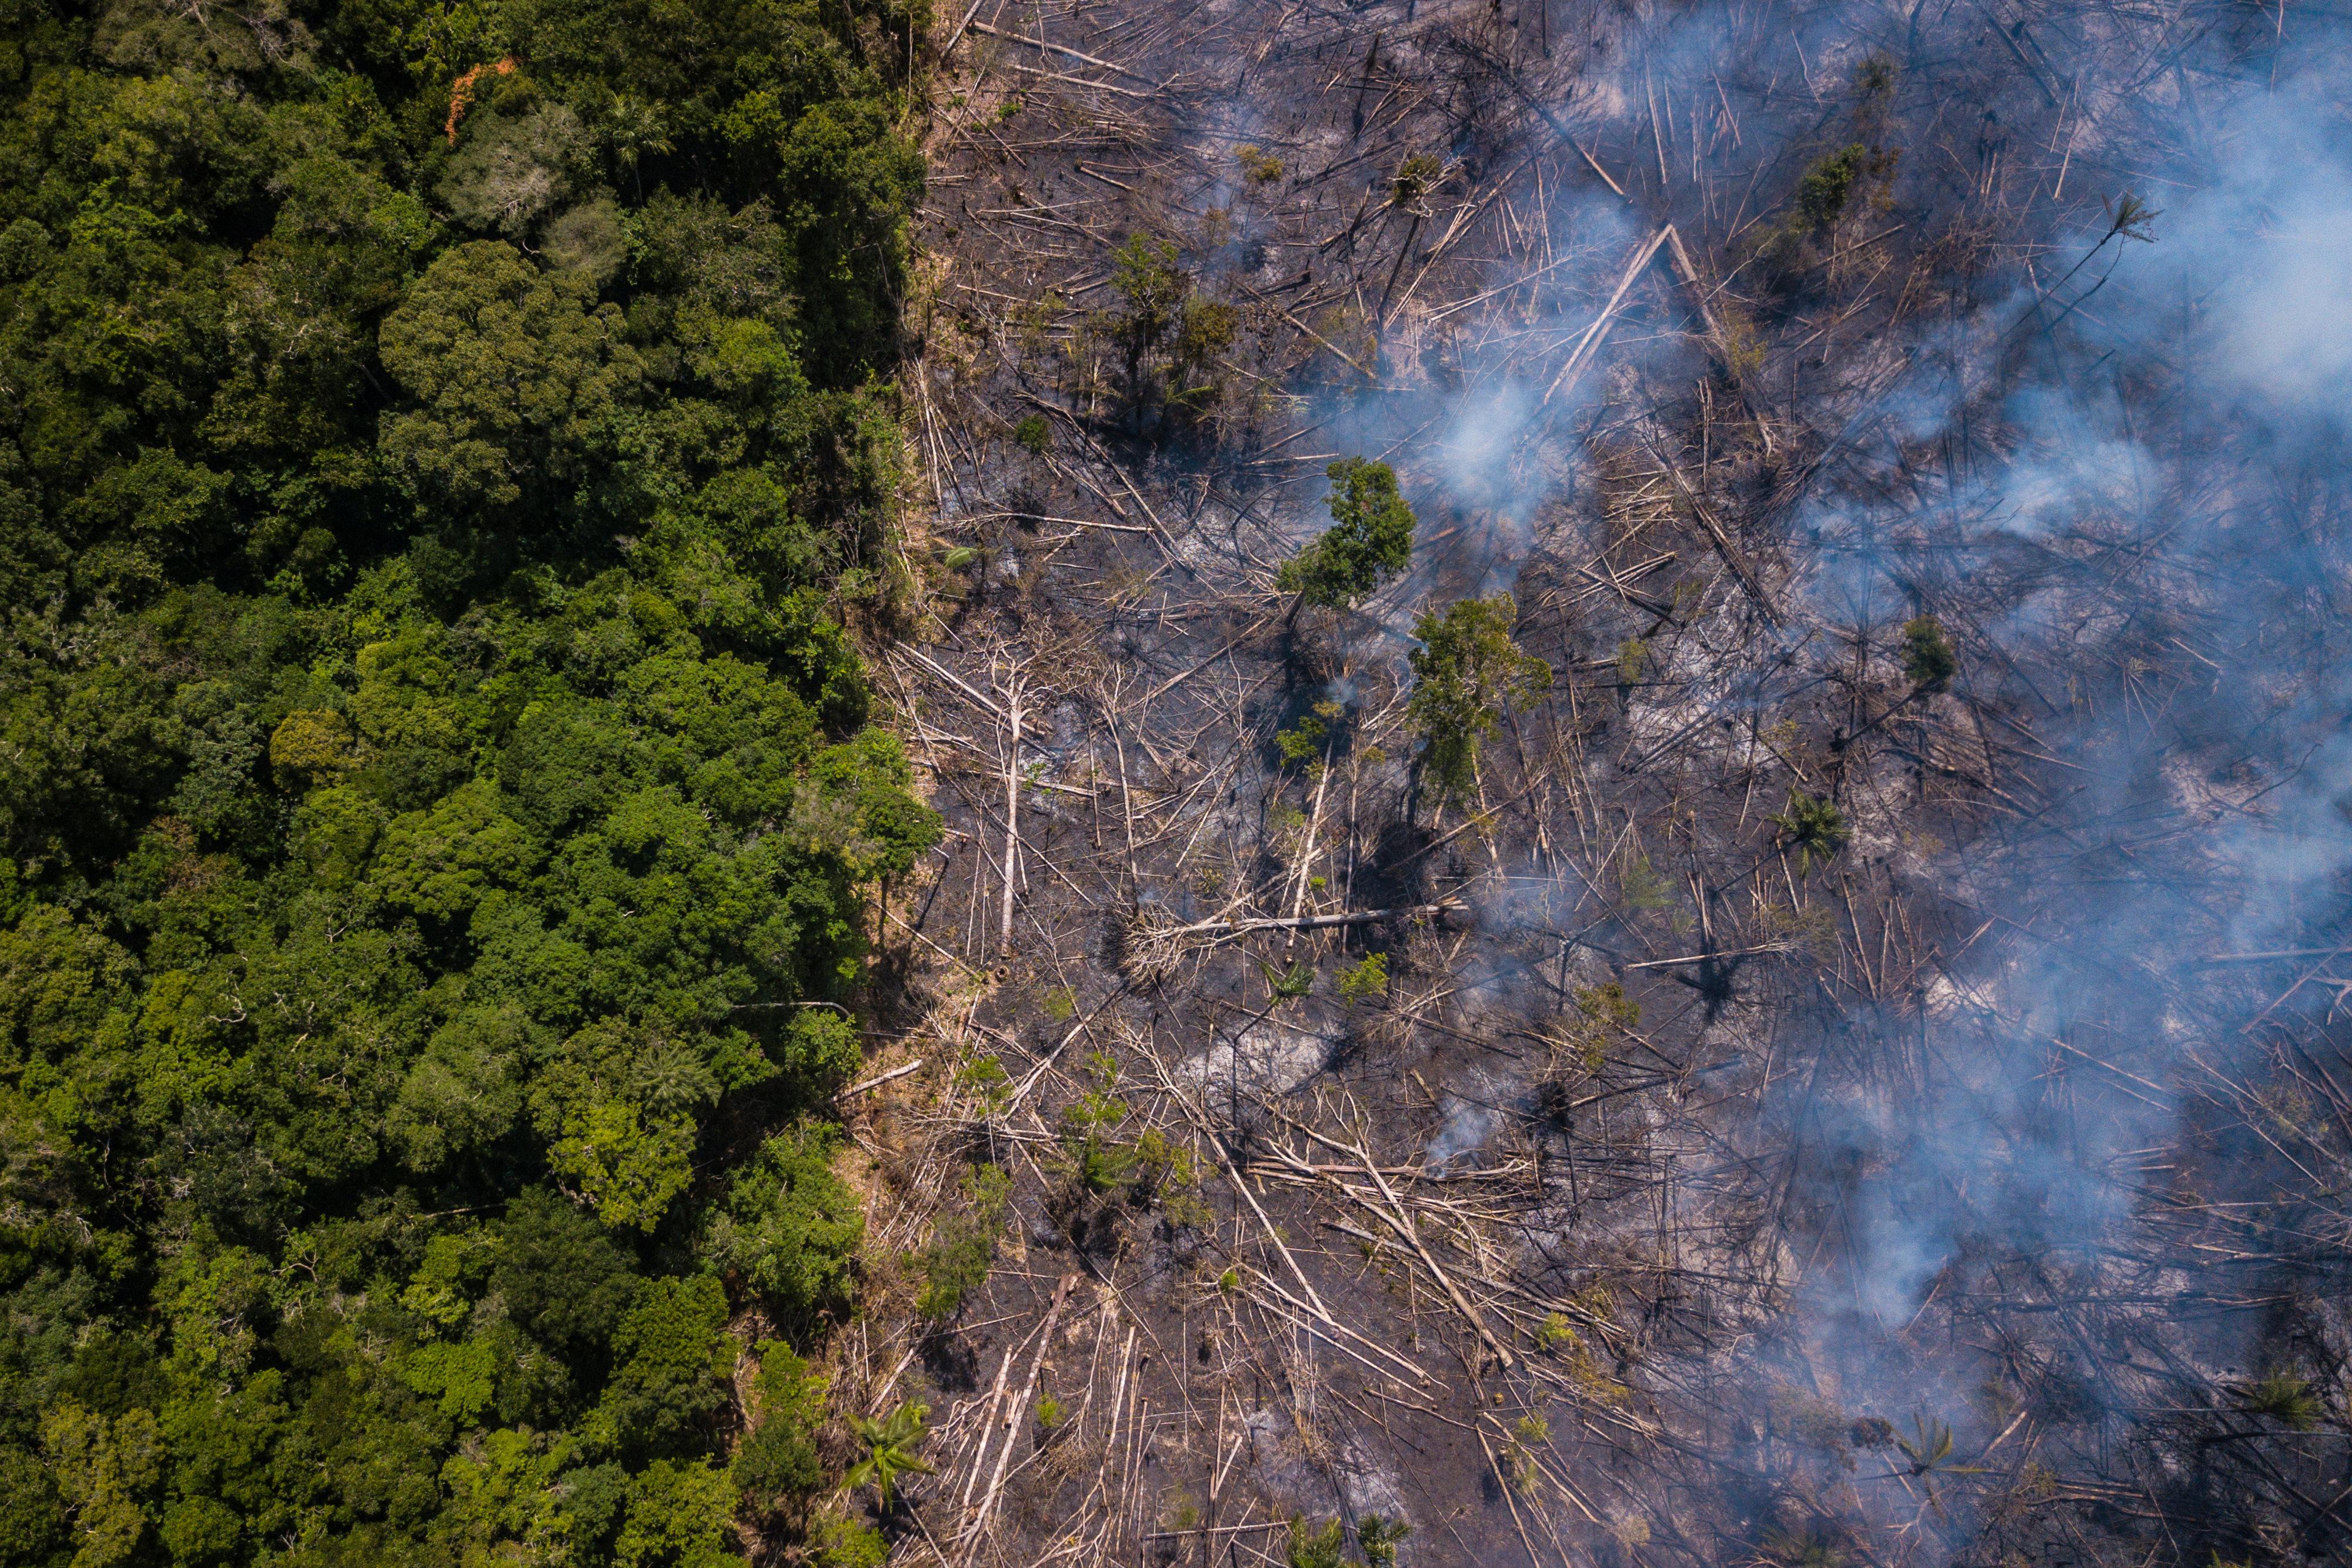 Decisões do governo Bolsonaro mostram que crime ambiental compensa, dizem